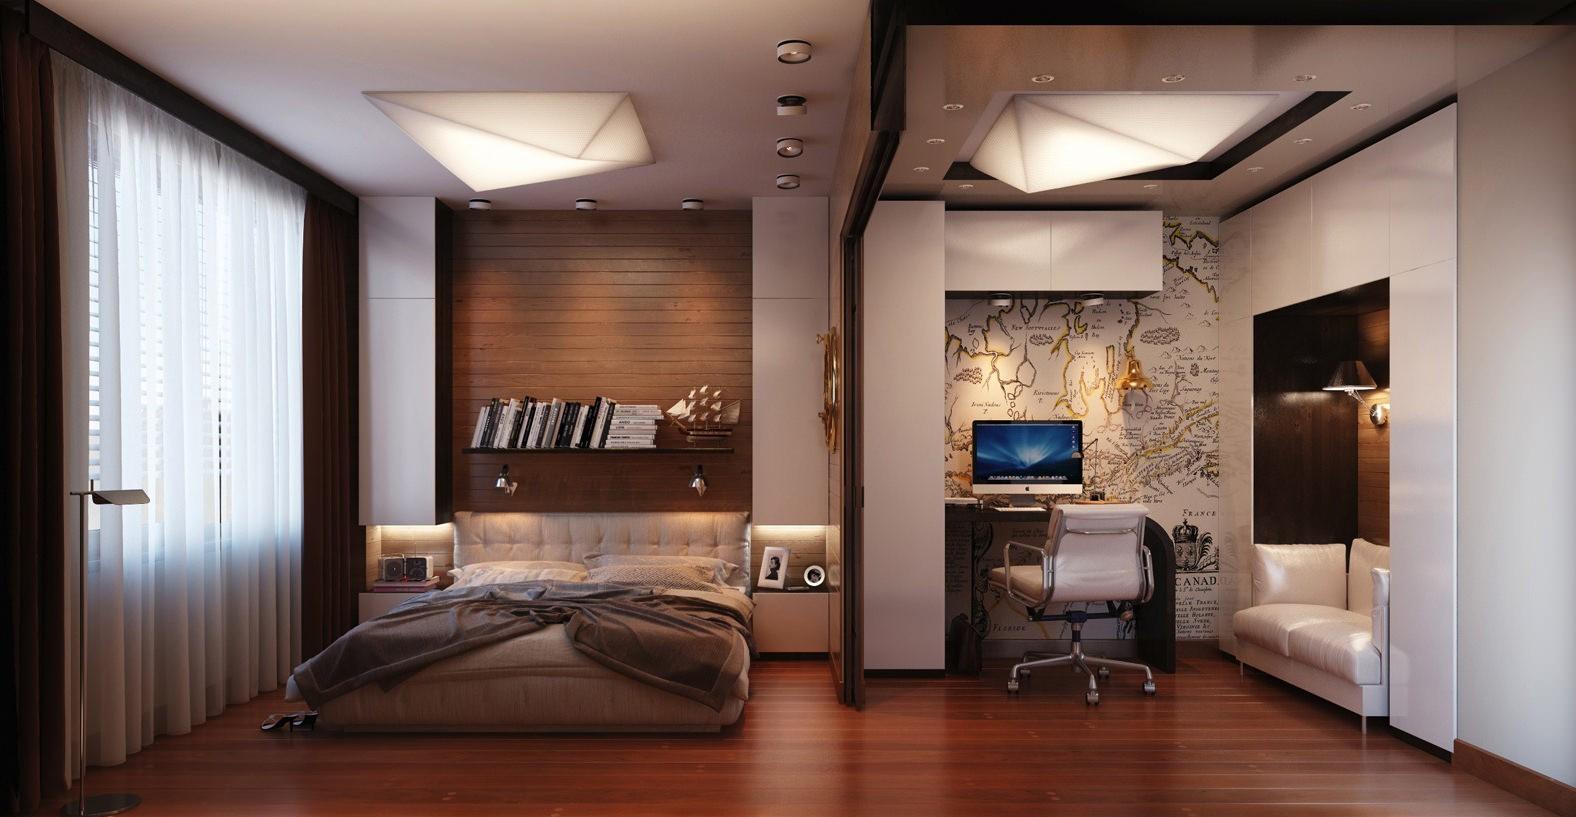 спальня гостиная 17 кв м идеи фото